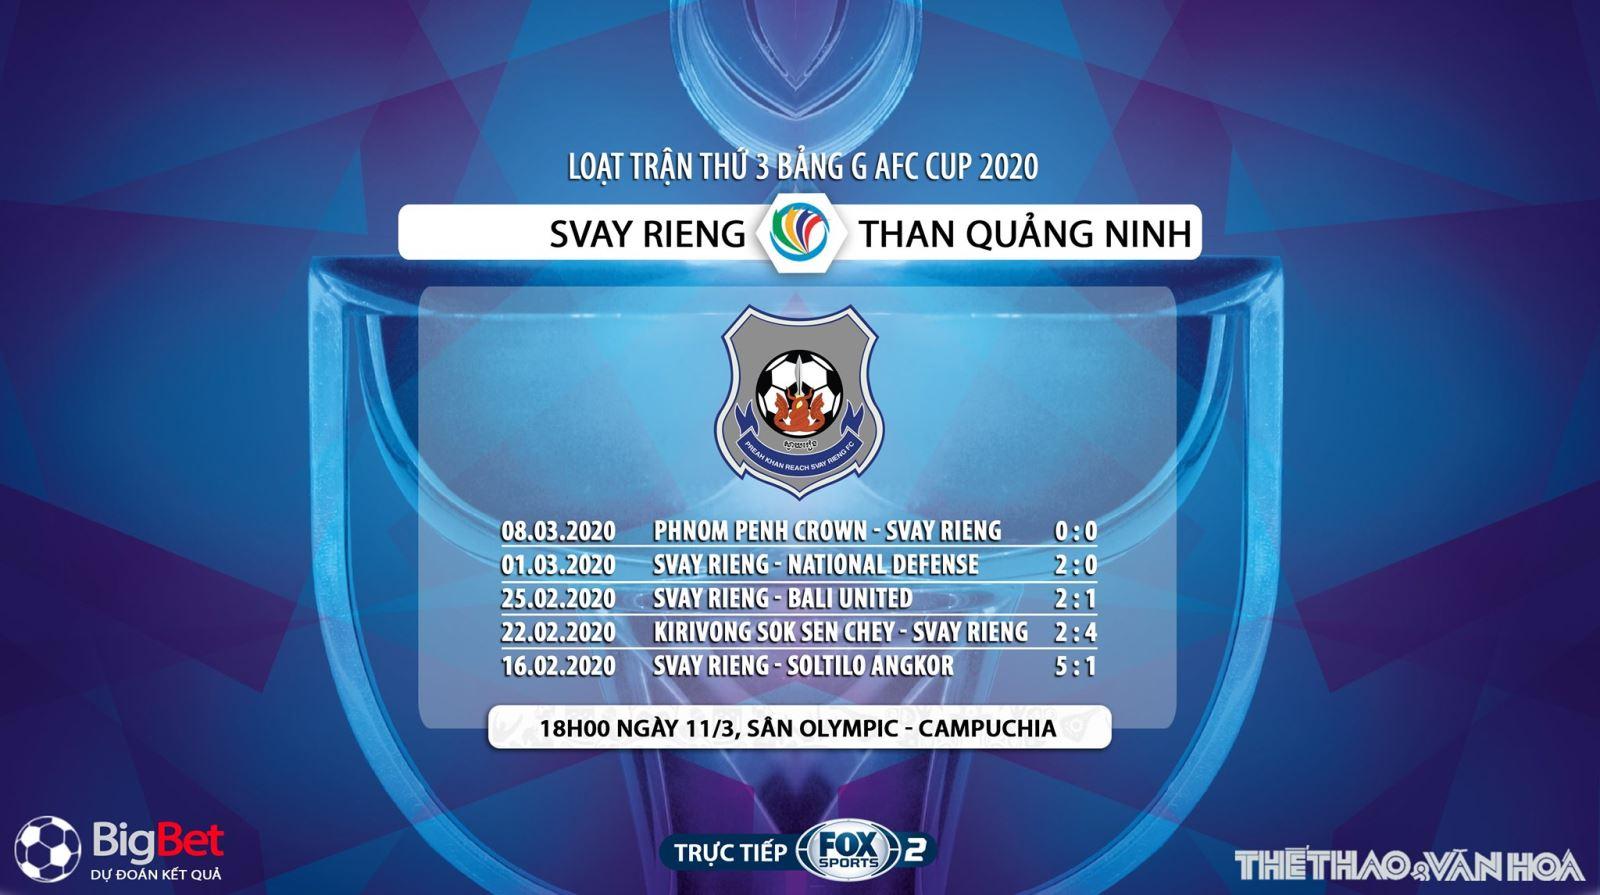 bóng đá, bong da, Svay Rieng vs Than Quảng Ninh, trực tiếp bóng đá, lịch thi đấu bóng đá, Than Quảng Ninh, Fox Sport, AFC Cup